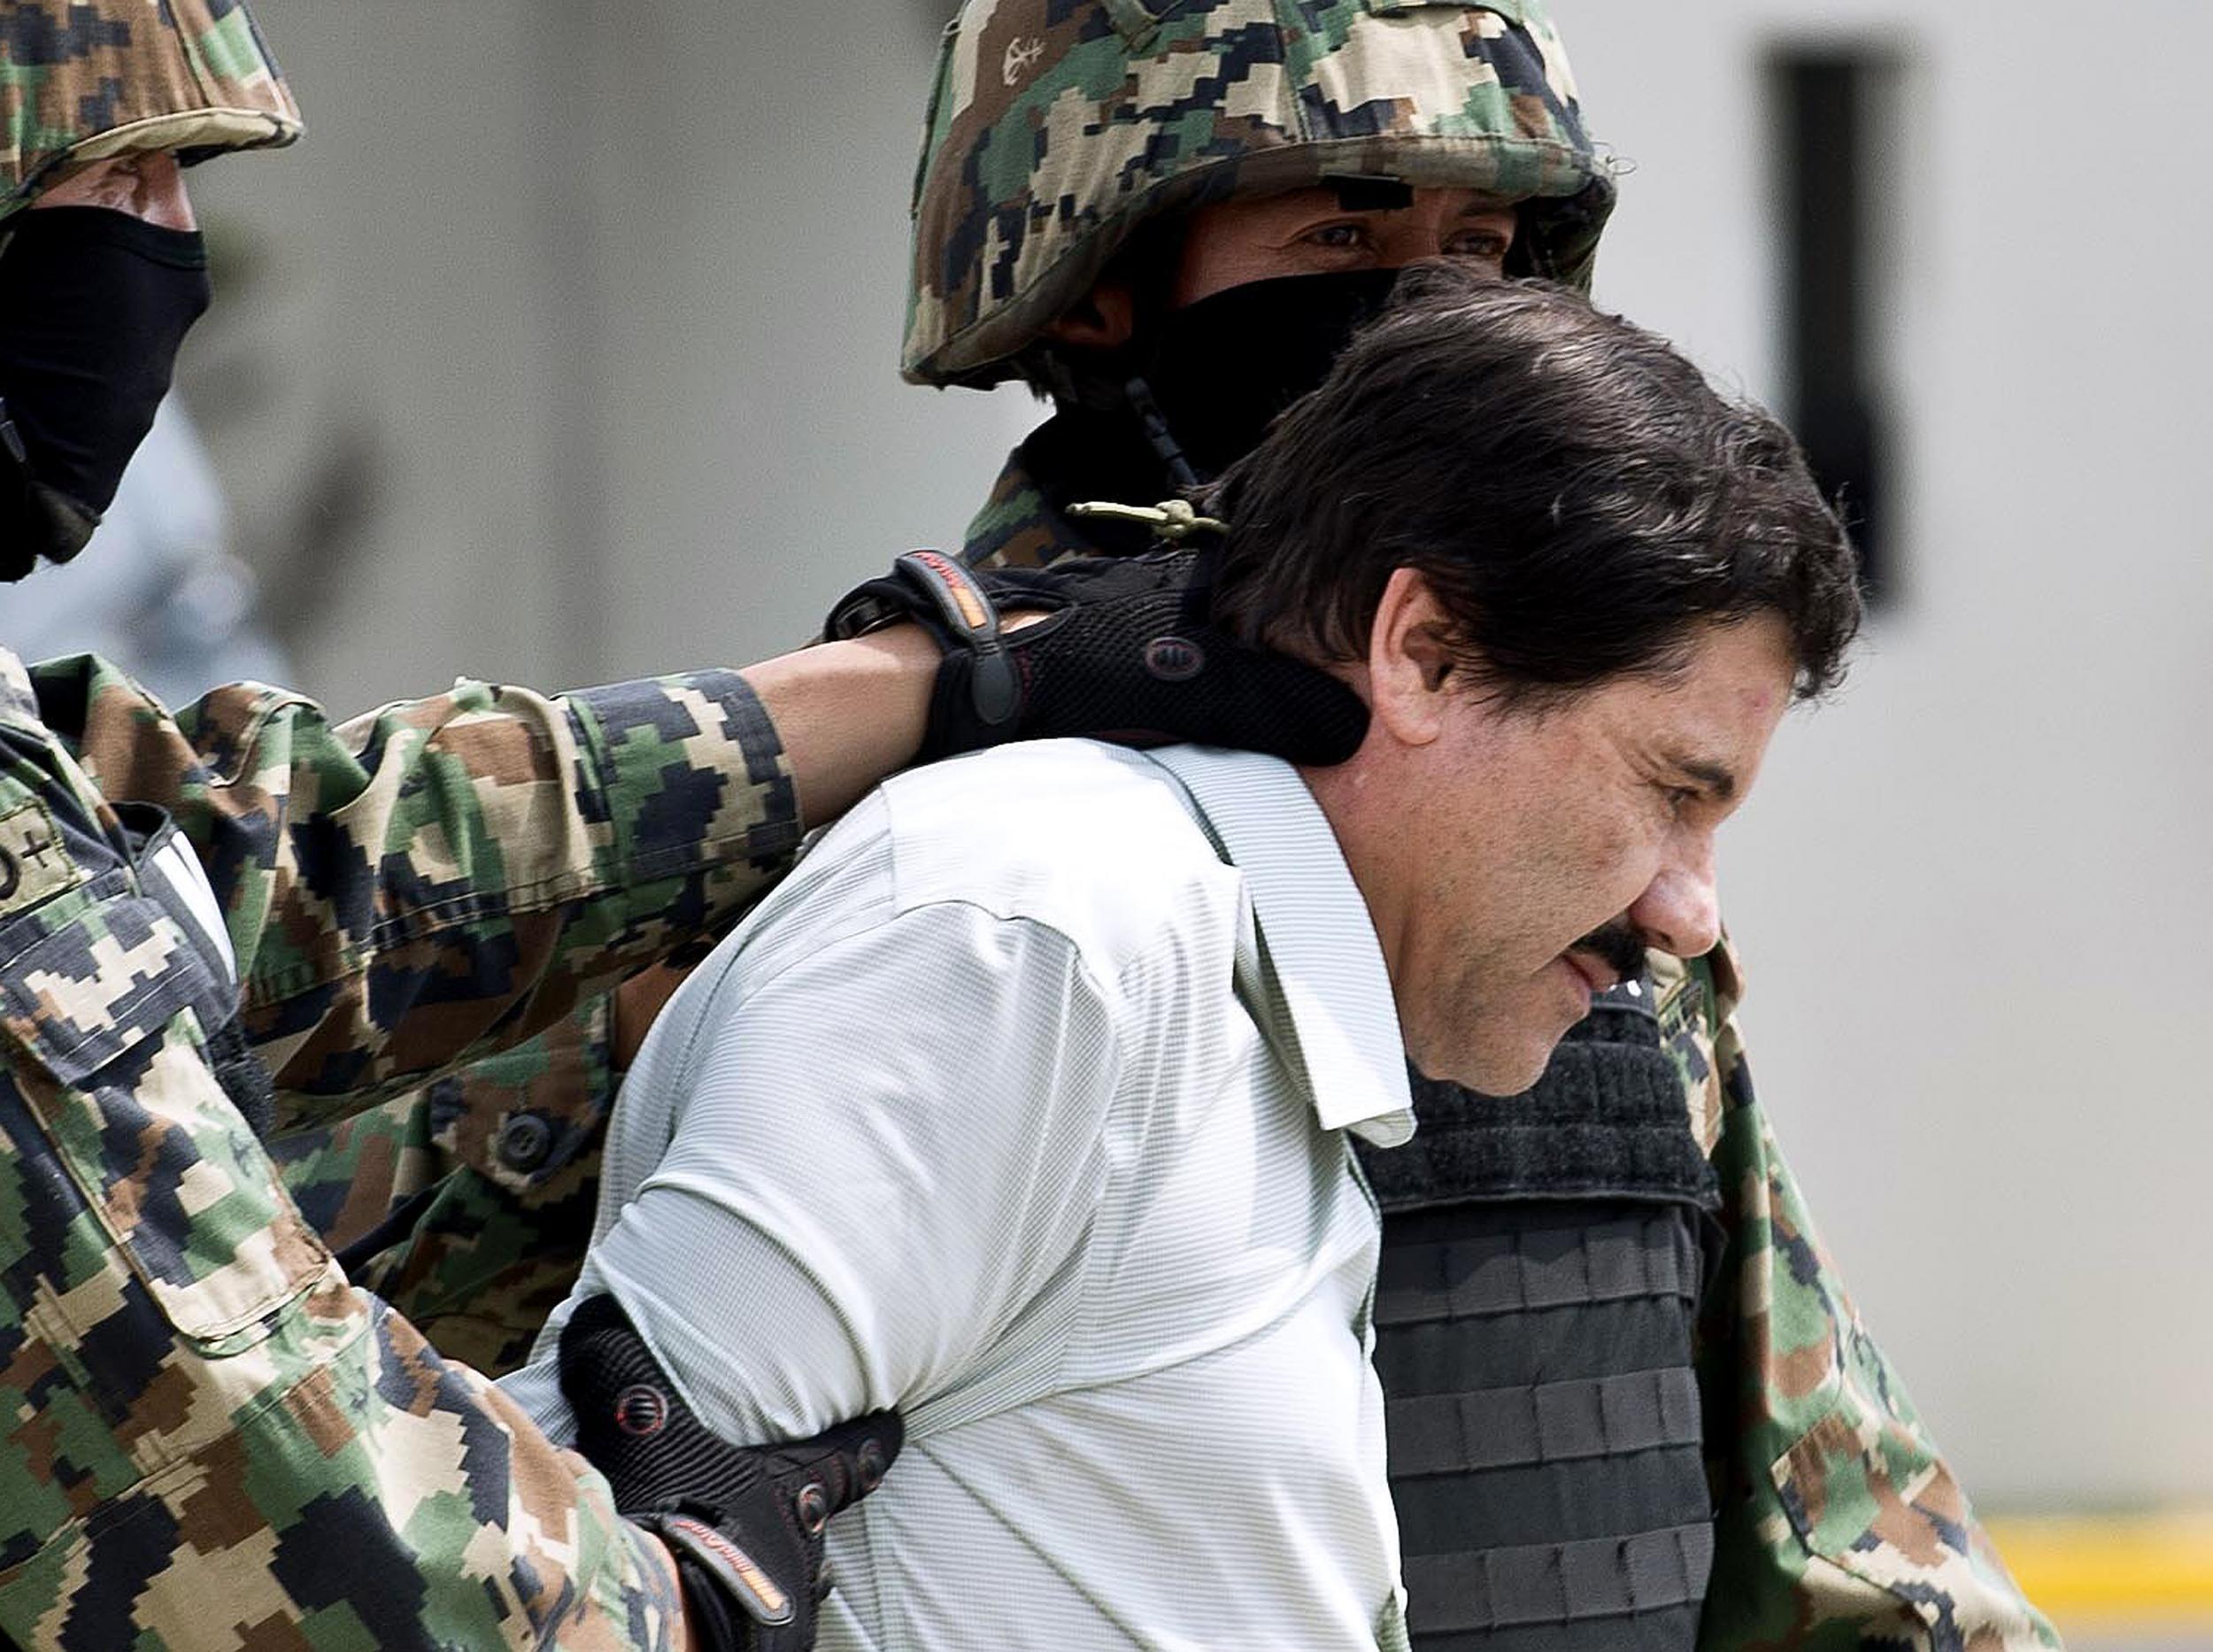 В Мексике заявил о себе наркокартель, возникший после ареста Коротышки